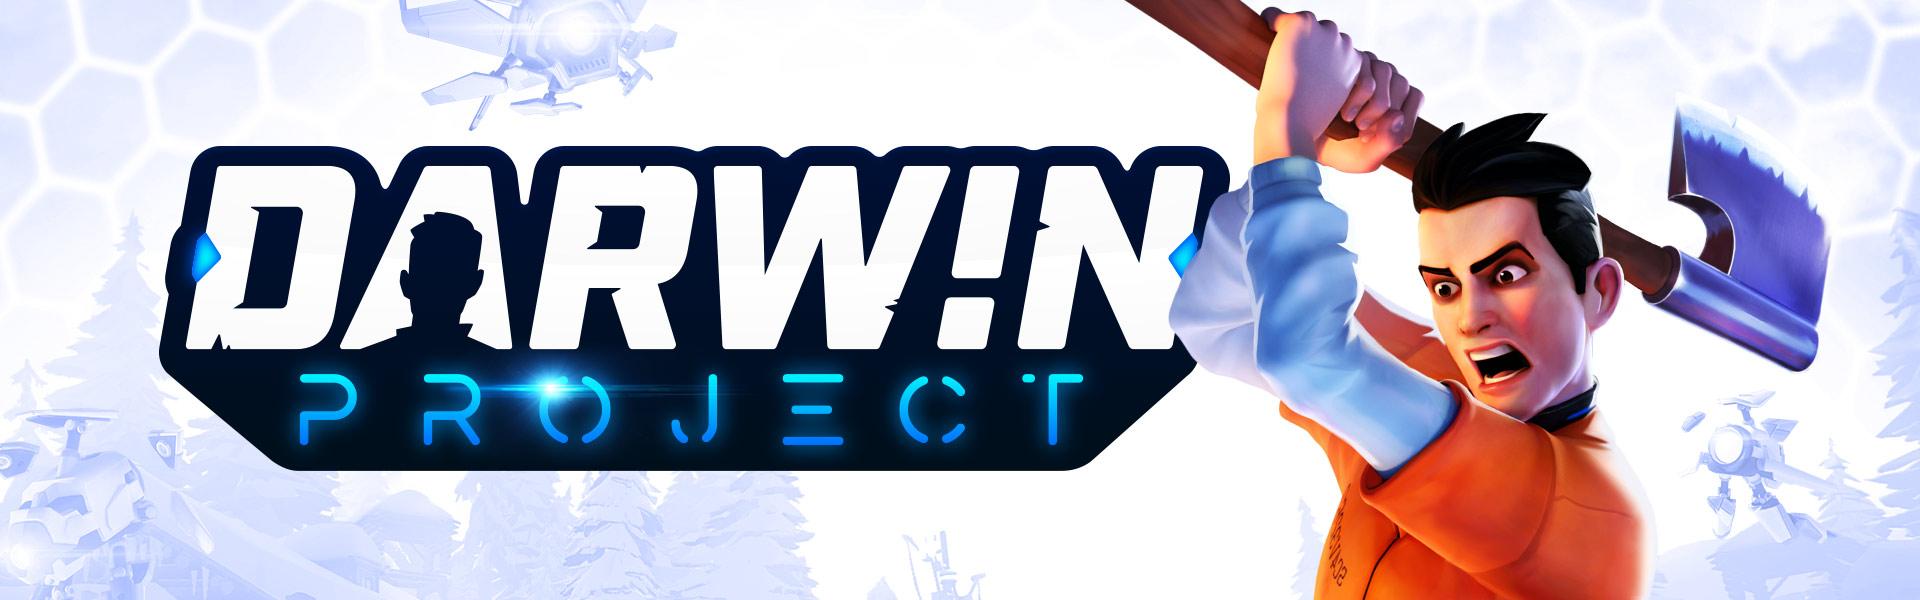 Darwin Project, man houdt een bijl boven zijn hoofd terwijl een kleine vliegende robot naar hem kijkt